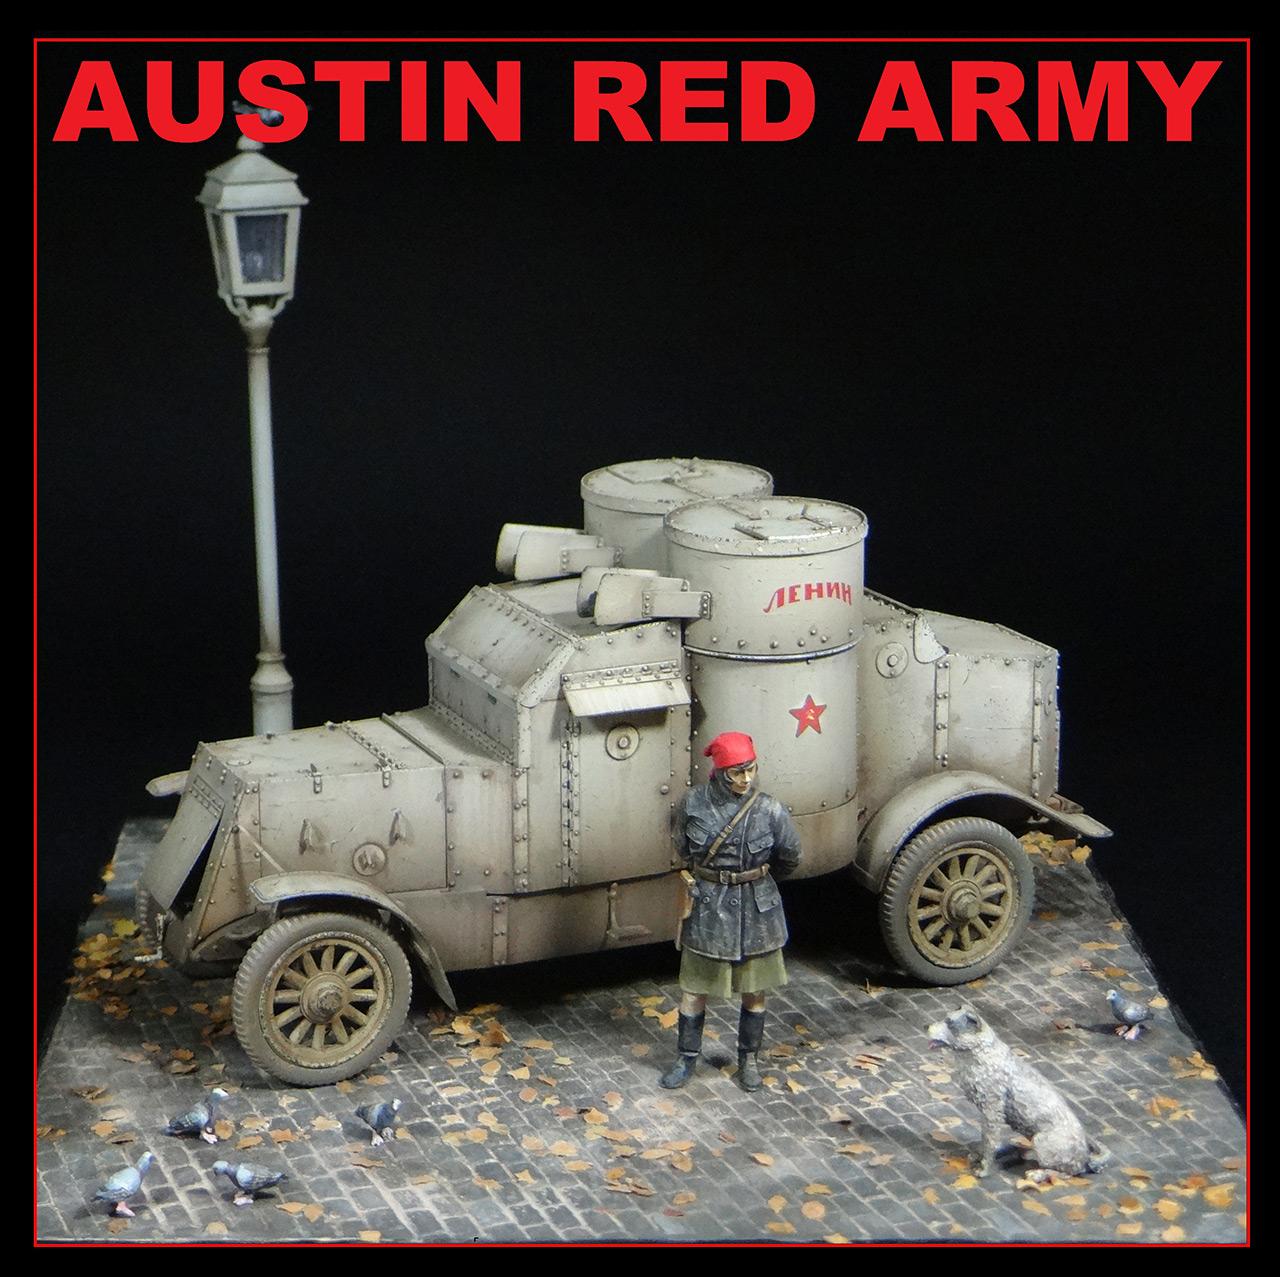 Диорамы и виньетки: «Остин» Красной Армии, фото #1